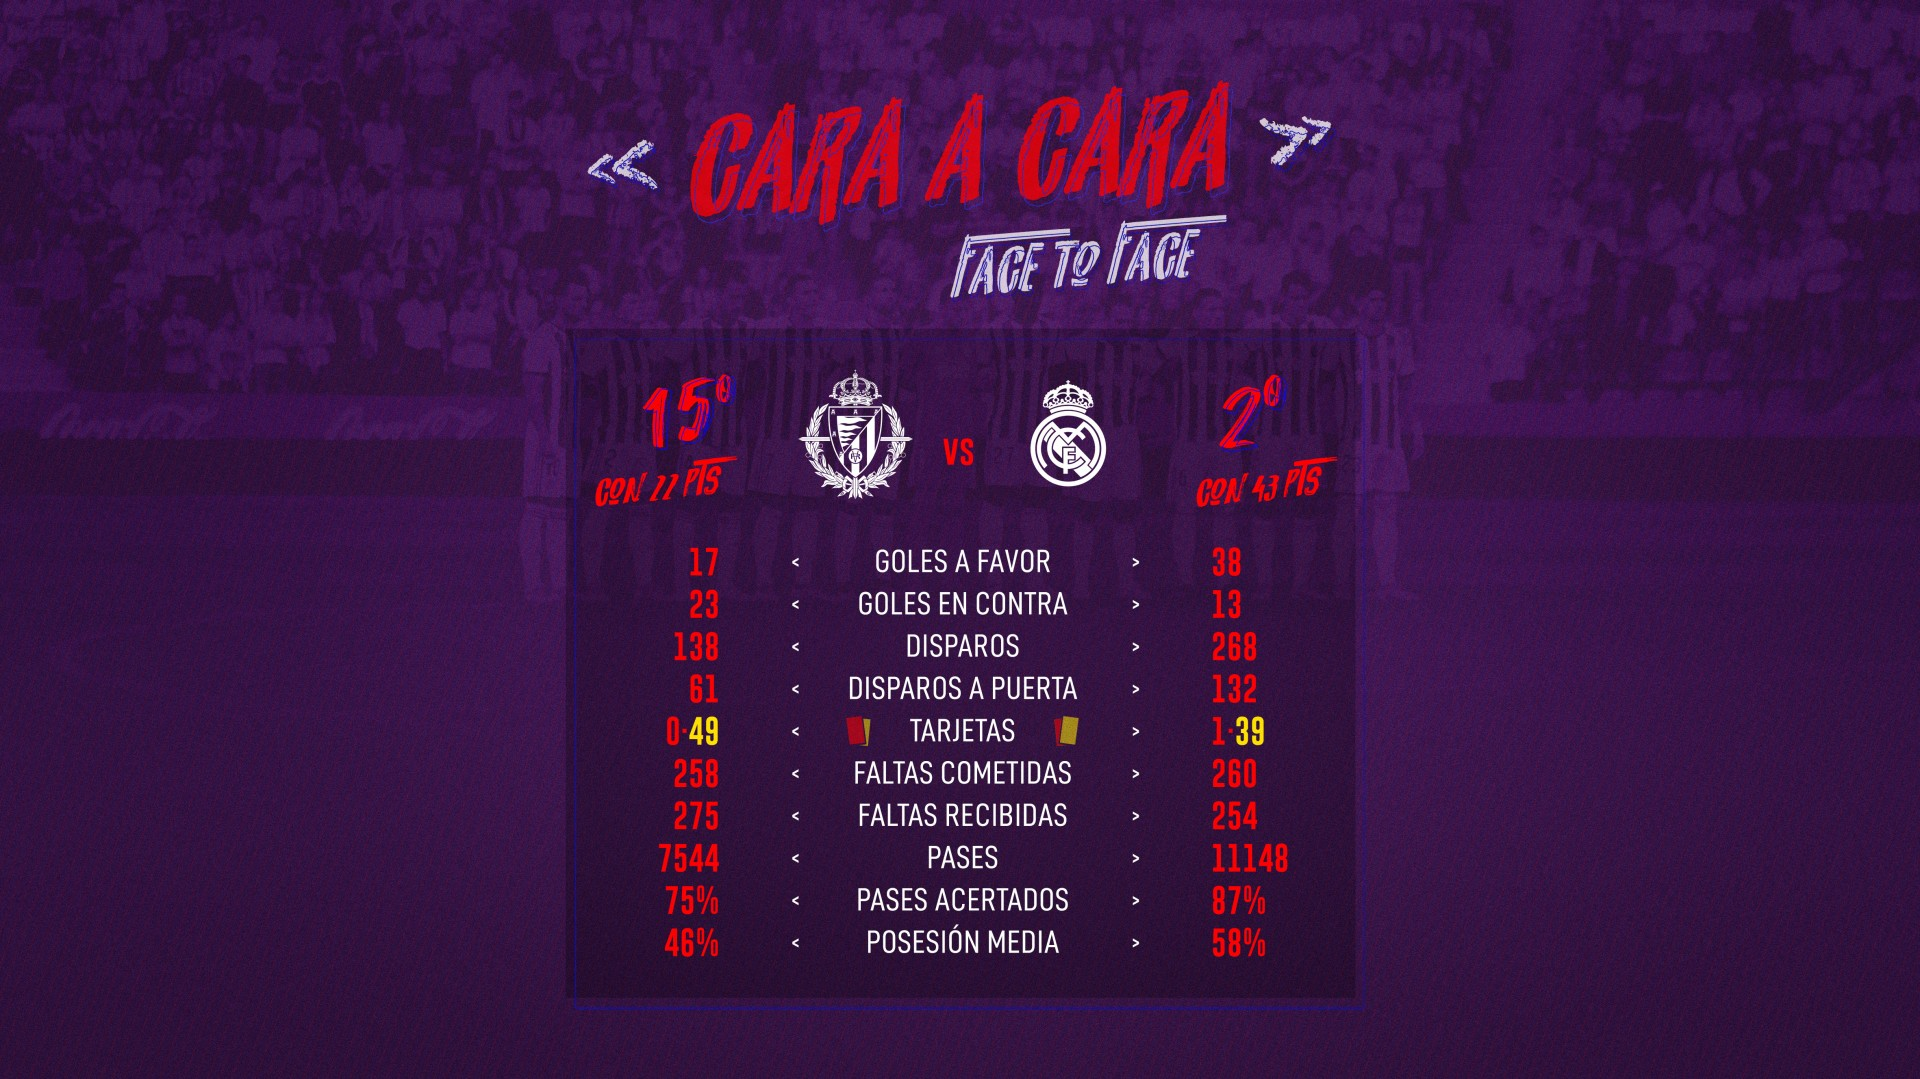 Real Valladolid C.F. - Real Madrid C.F. Domingo 26 de Enero. 21:00 Face-To-Face